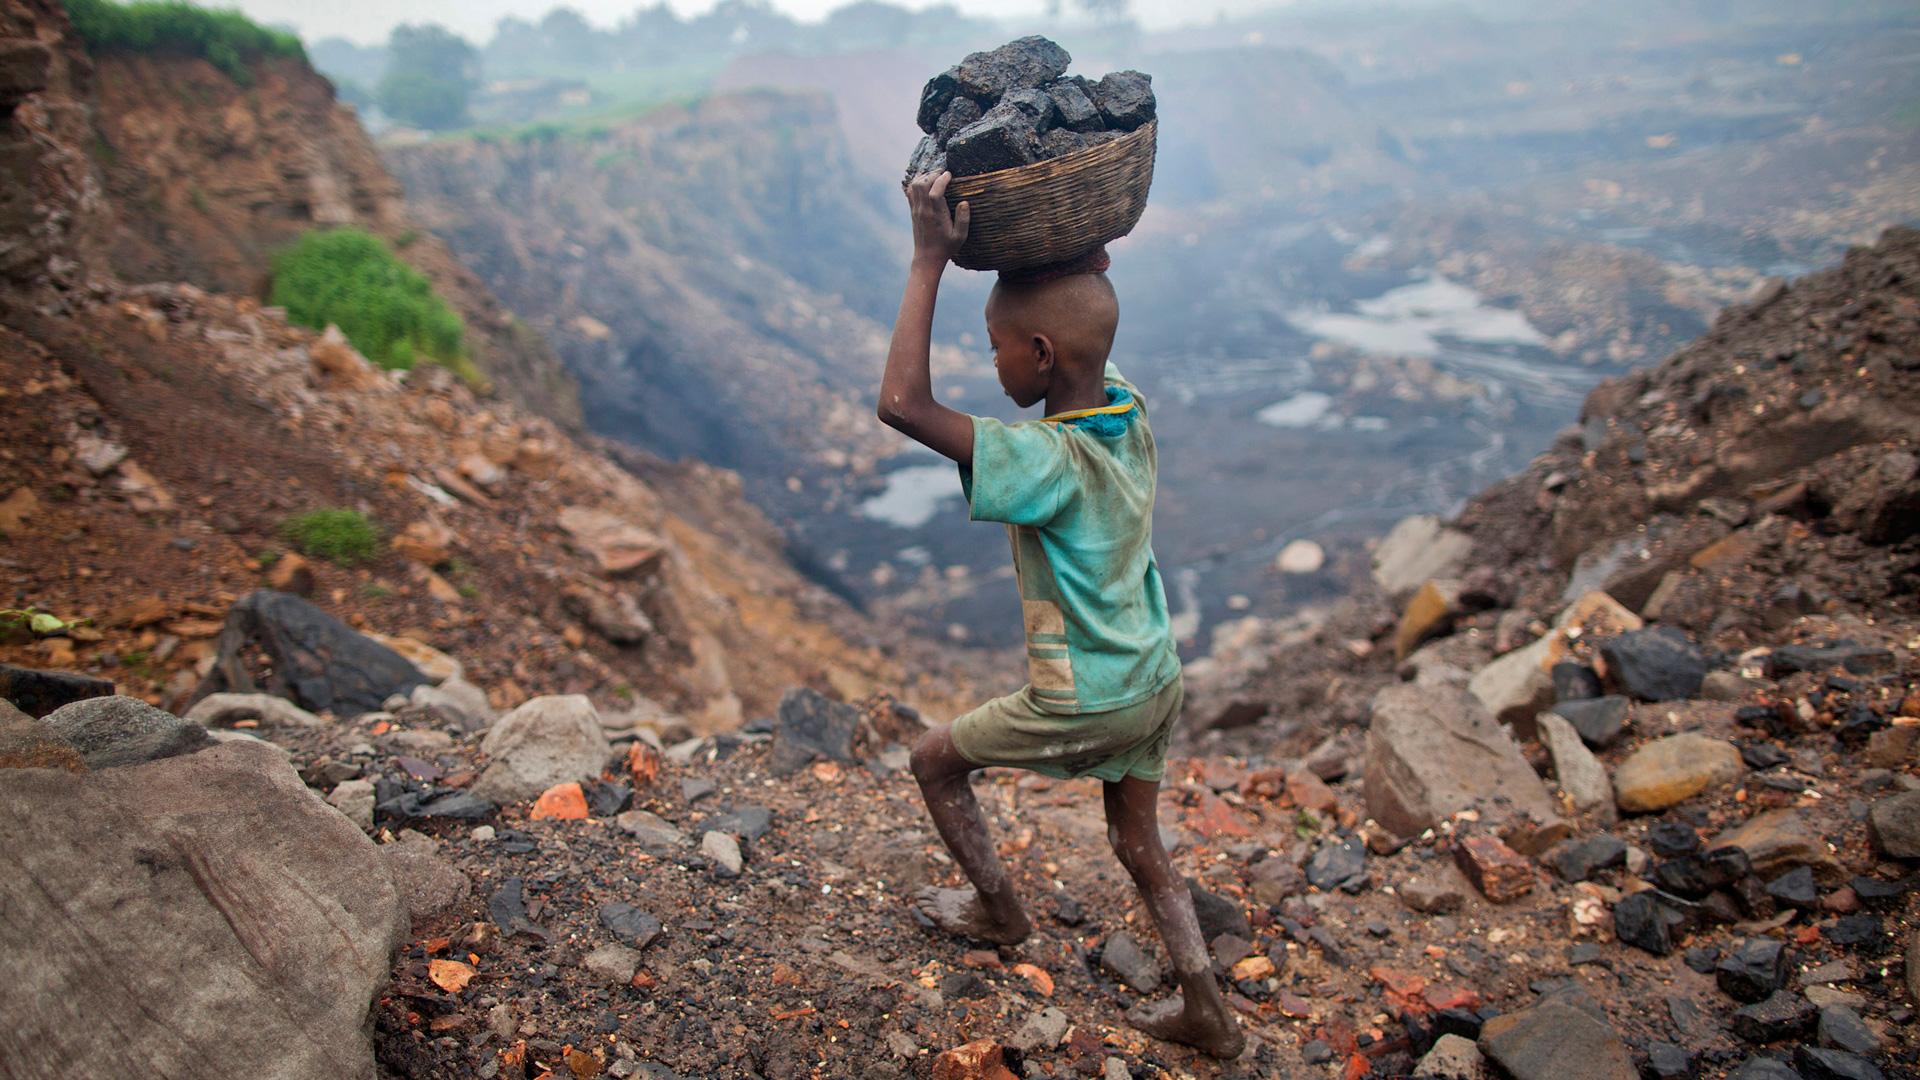 El trabajo infantil forzoso, una lacra que afecta a 152 millones ...